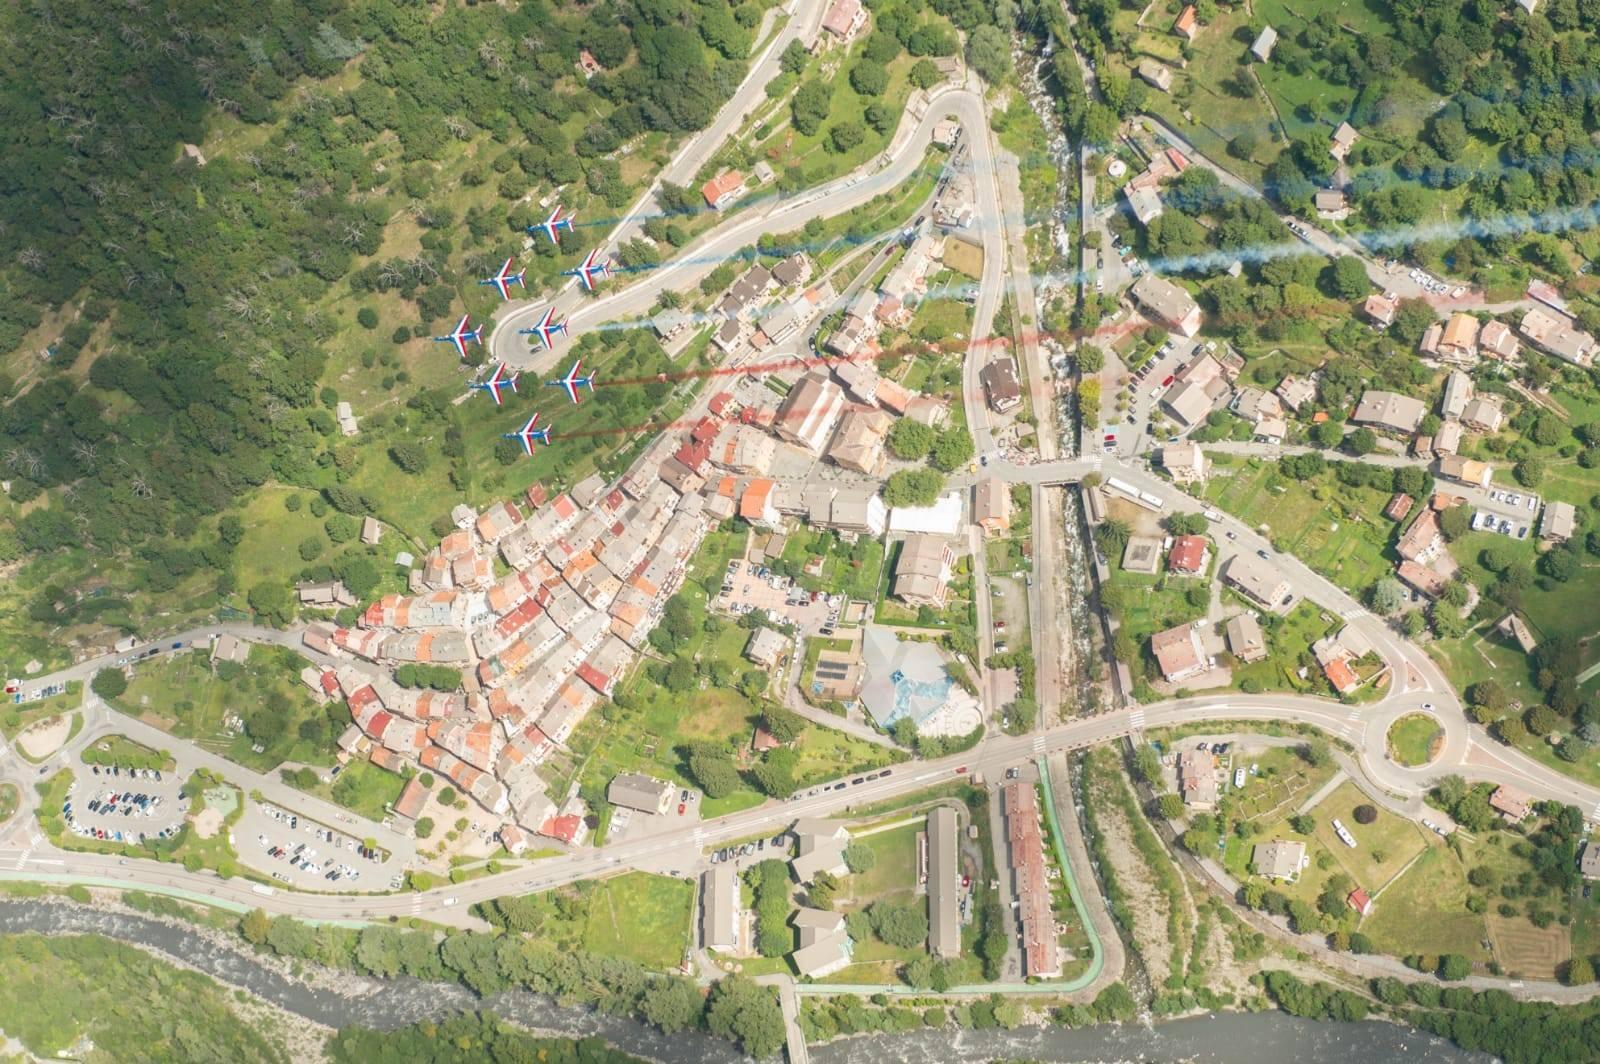 Isola village et la patrouille de France vue du ciel - Crédit photo : Armée de l'Air